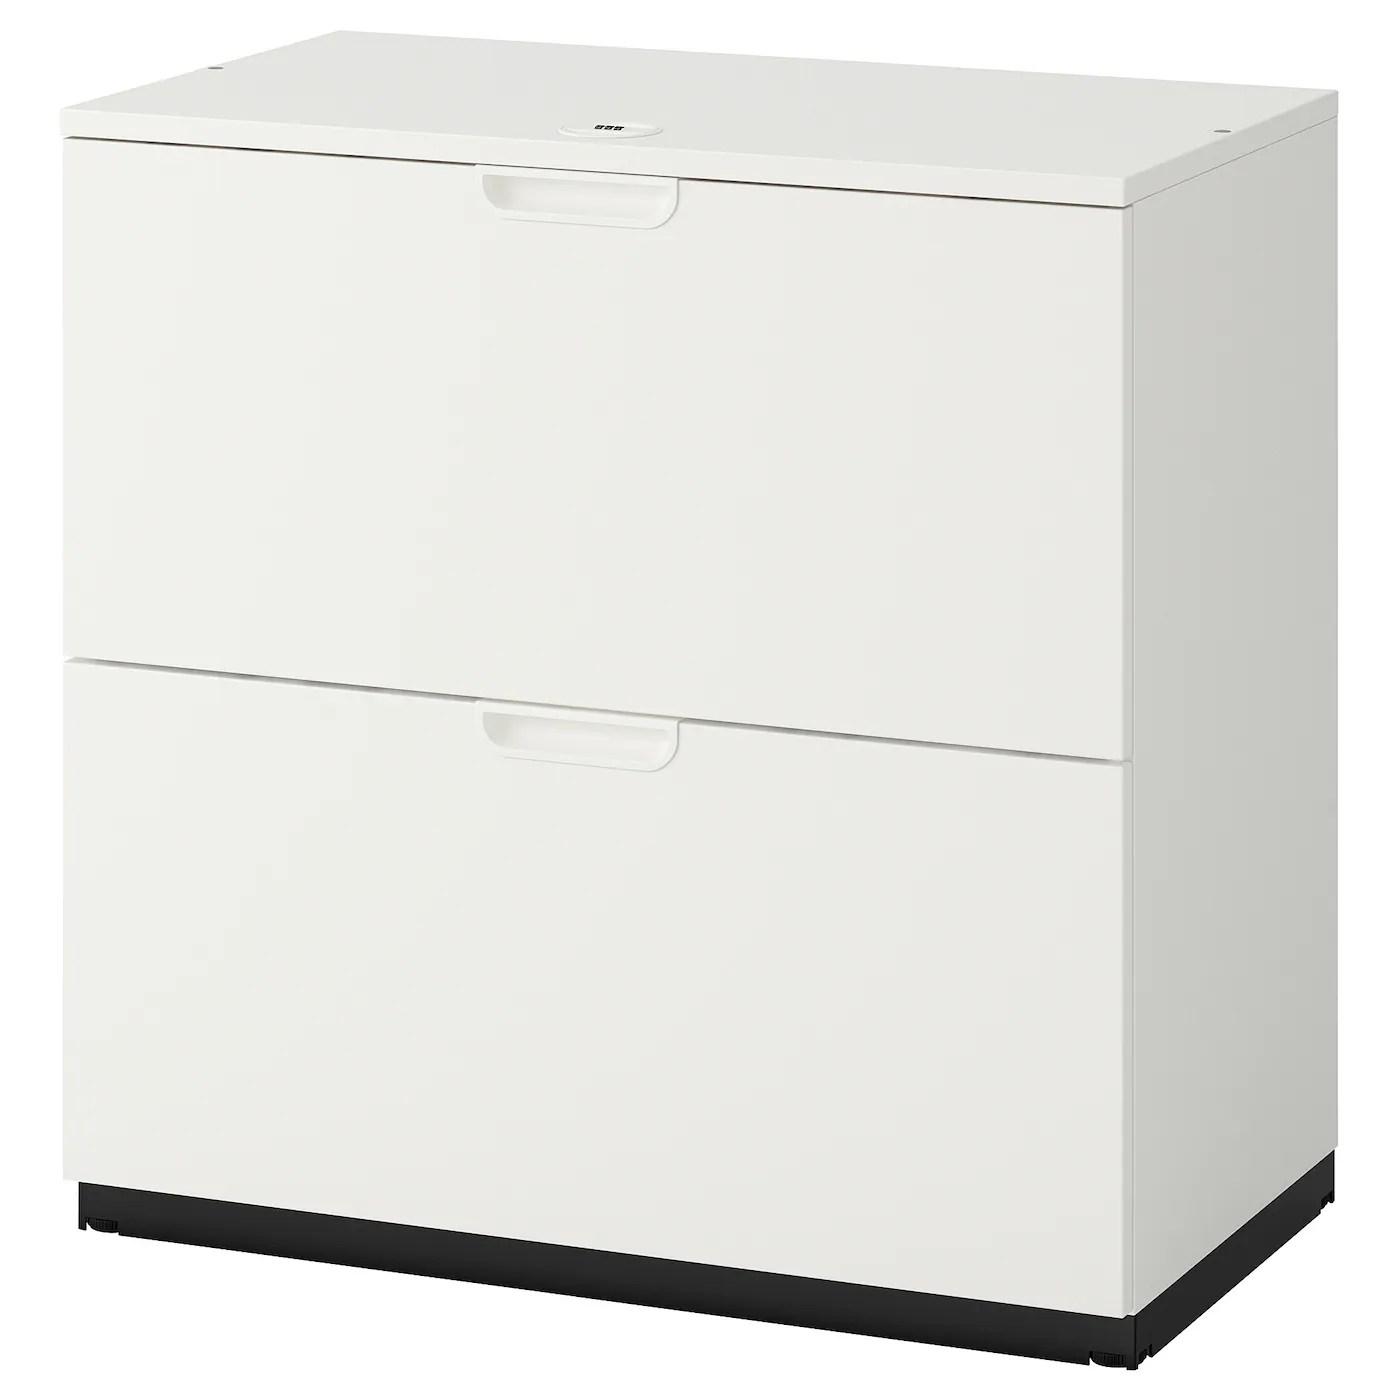 galant caisson a tiroir classeur blanc 31 1 2x31 1 2 80x80 cm